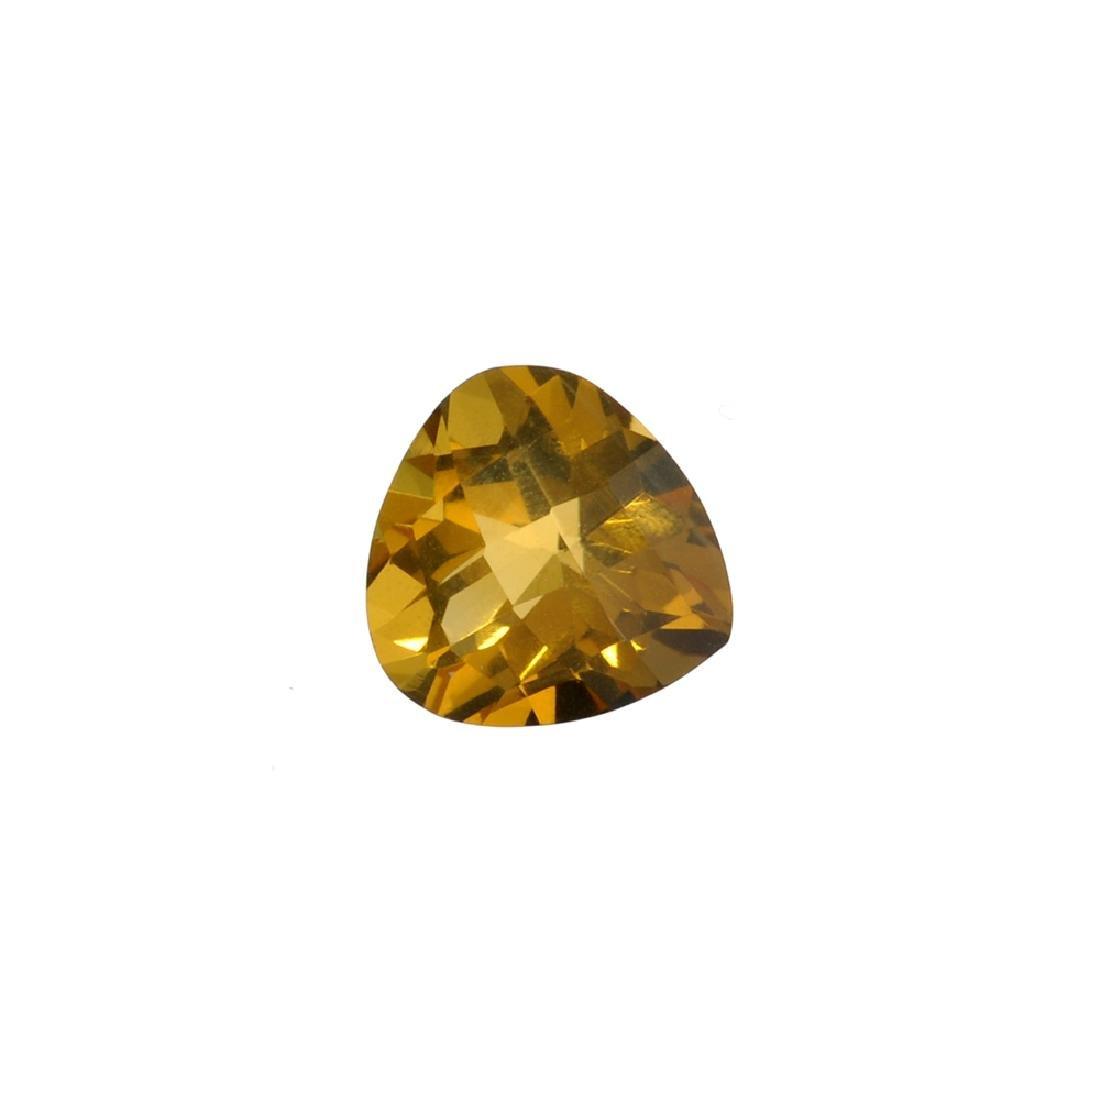 APP: 0.4k 8.85CT Pear Cut Citrine Gemstone